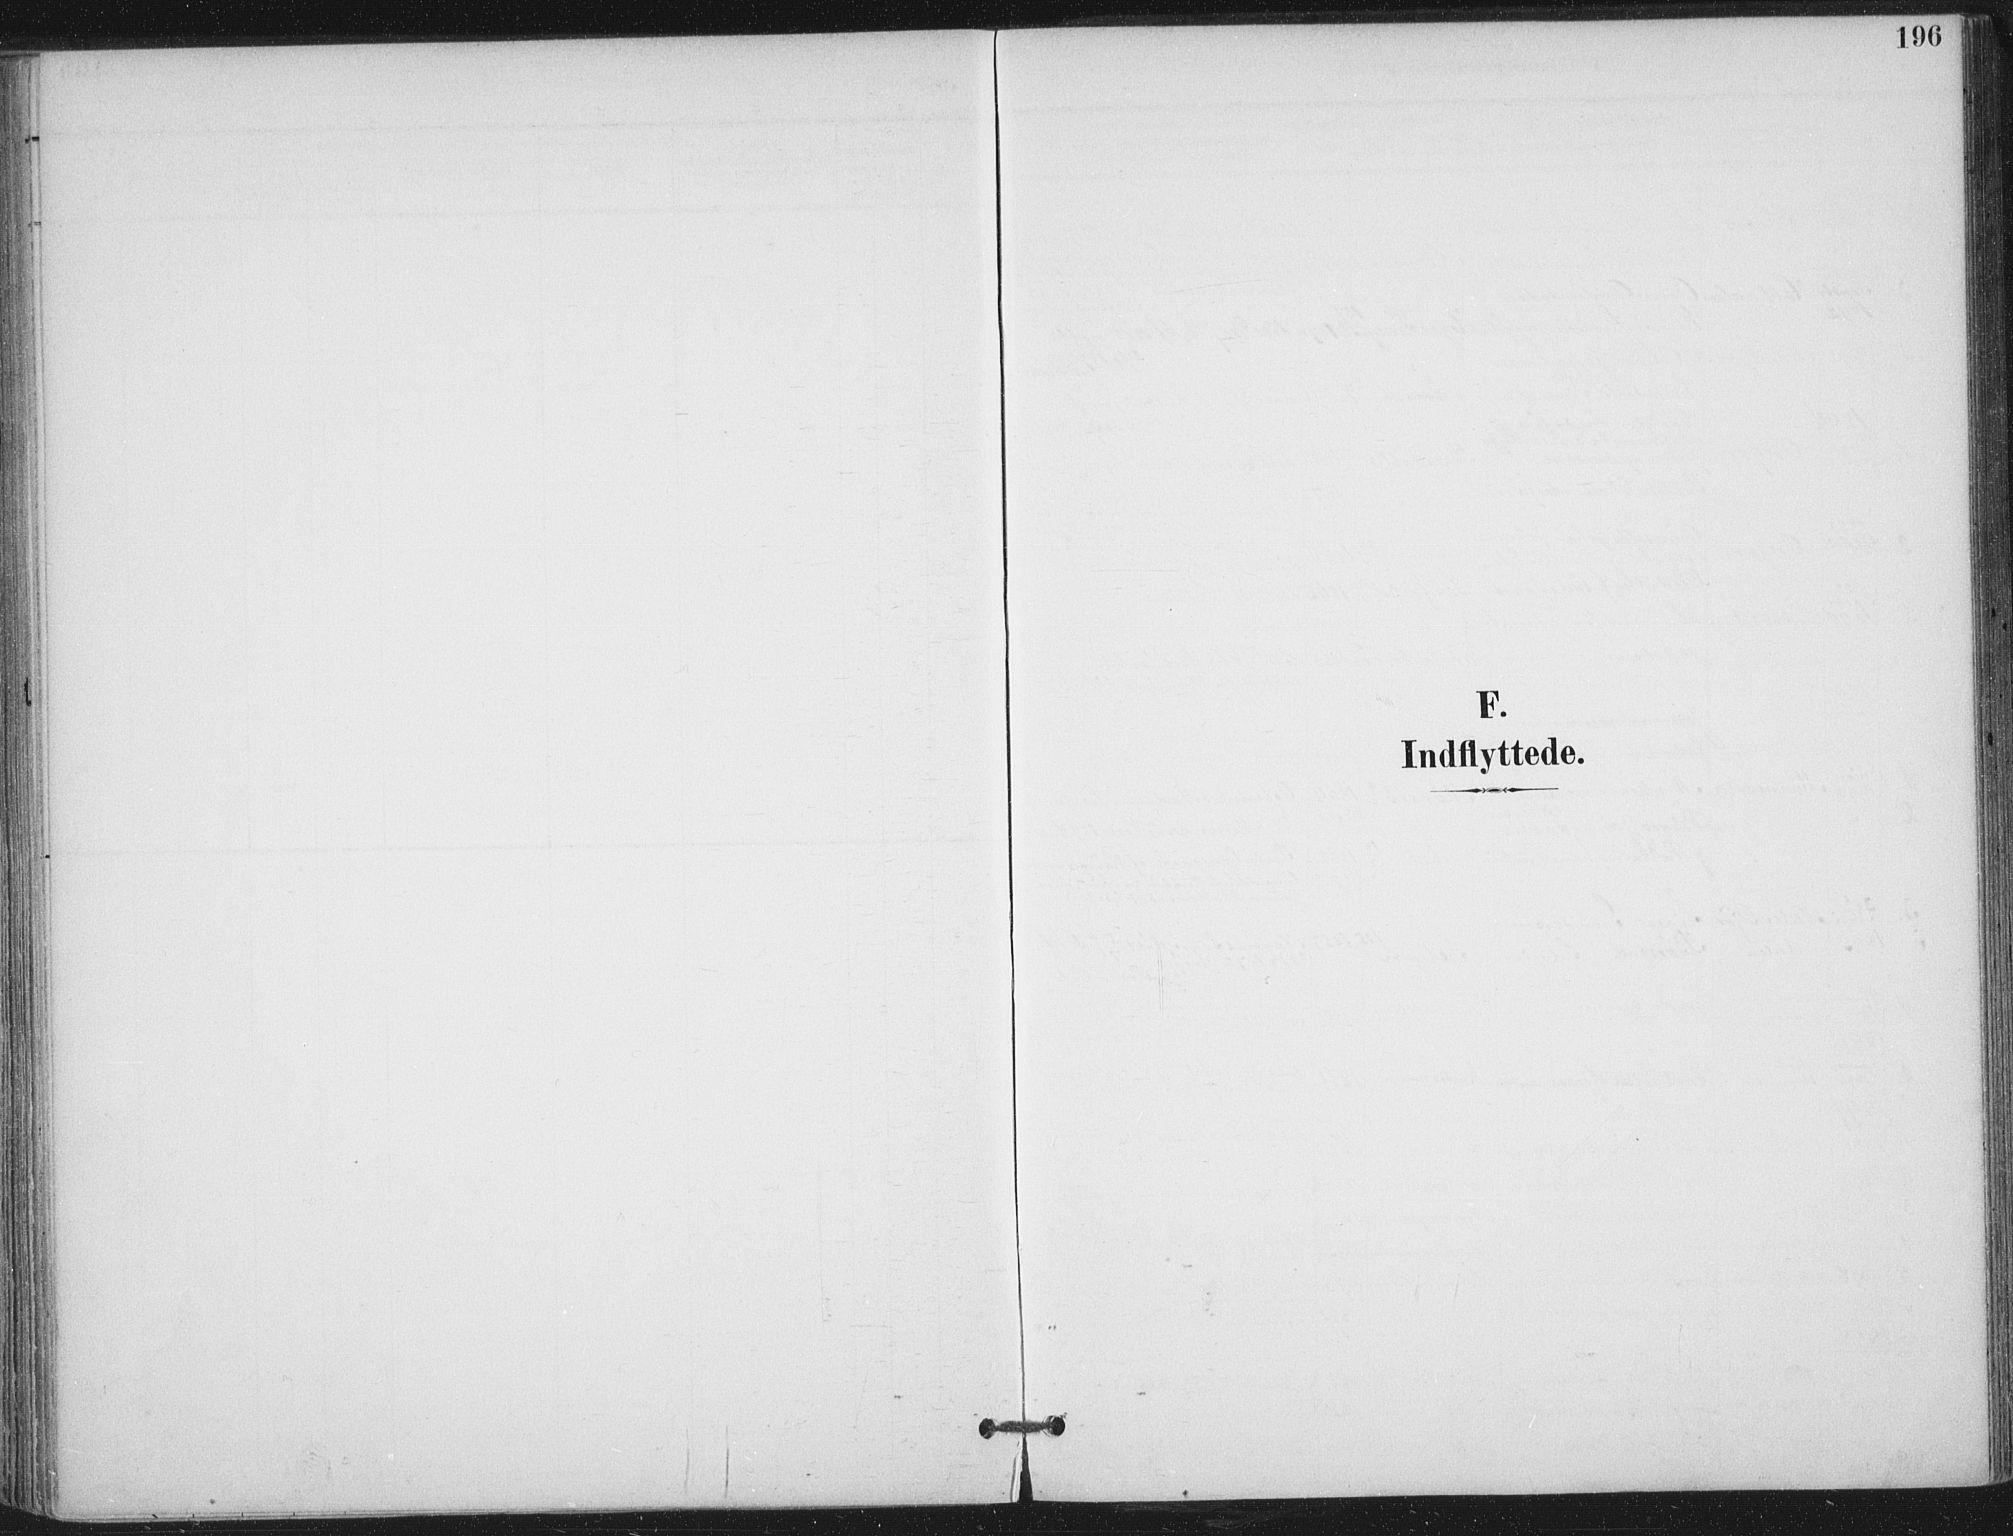 SAT, Ministerialprotokoller, klokkerbøker og fødselsregistre - Nord-Trøndelag, 703/L0031: Ministerialbok nr. 703A04, 1893-1914, s. 196